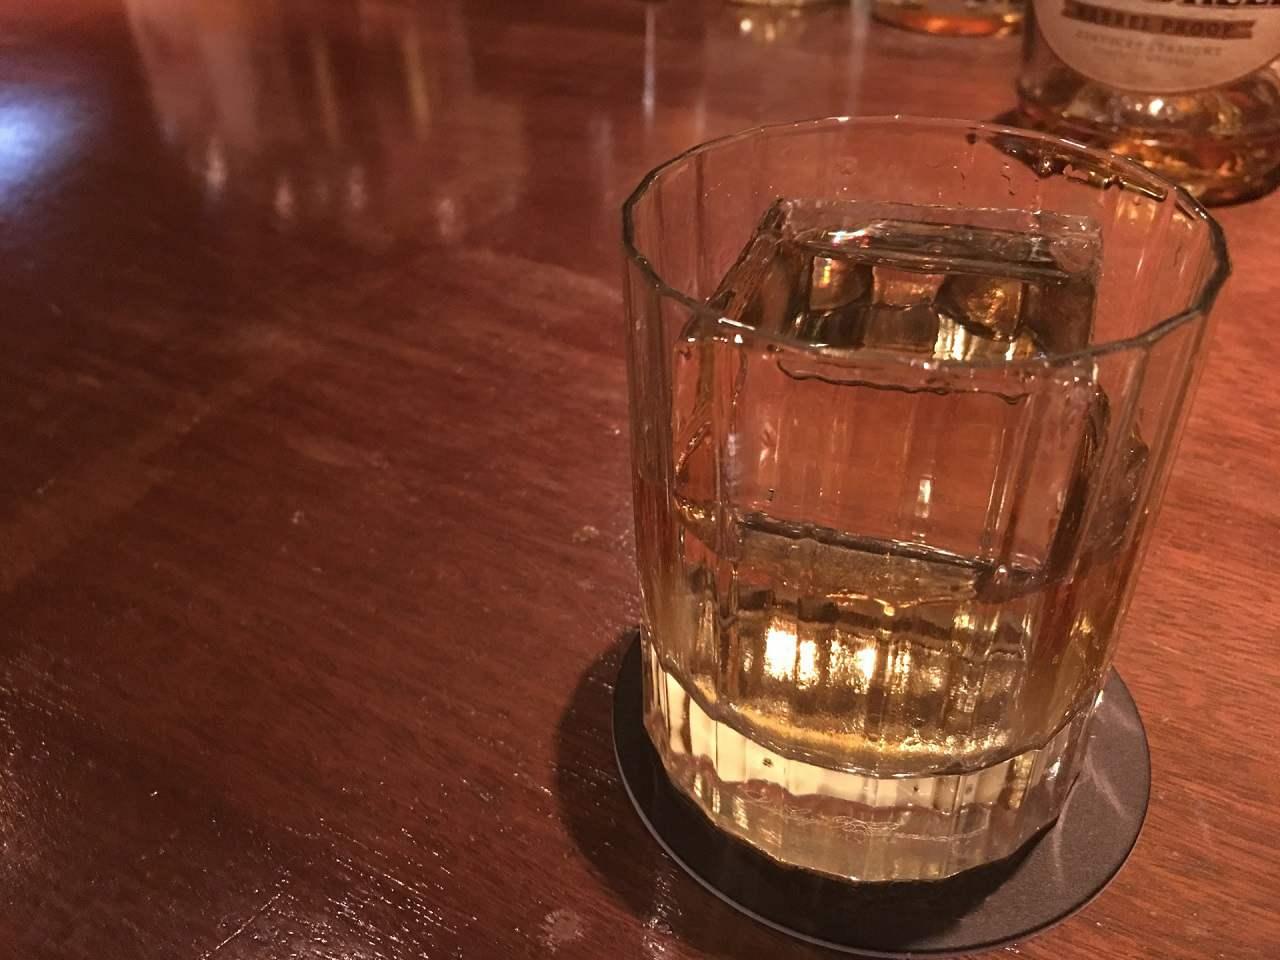 スコッチウイスキーって?歴史や特徴・種類と楽しみ方を紹介